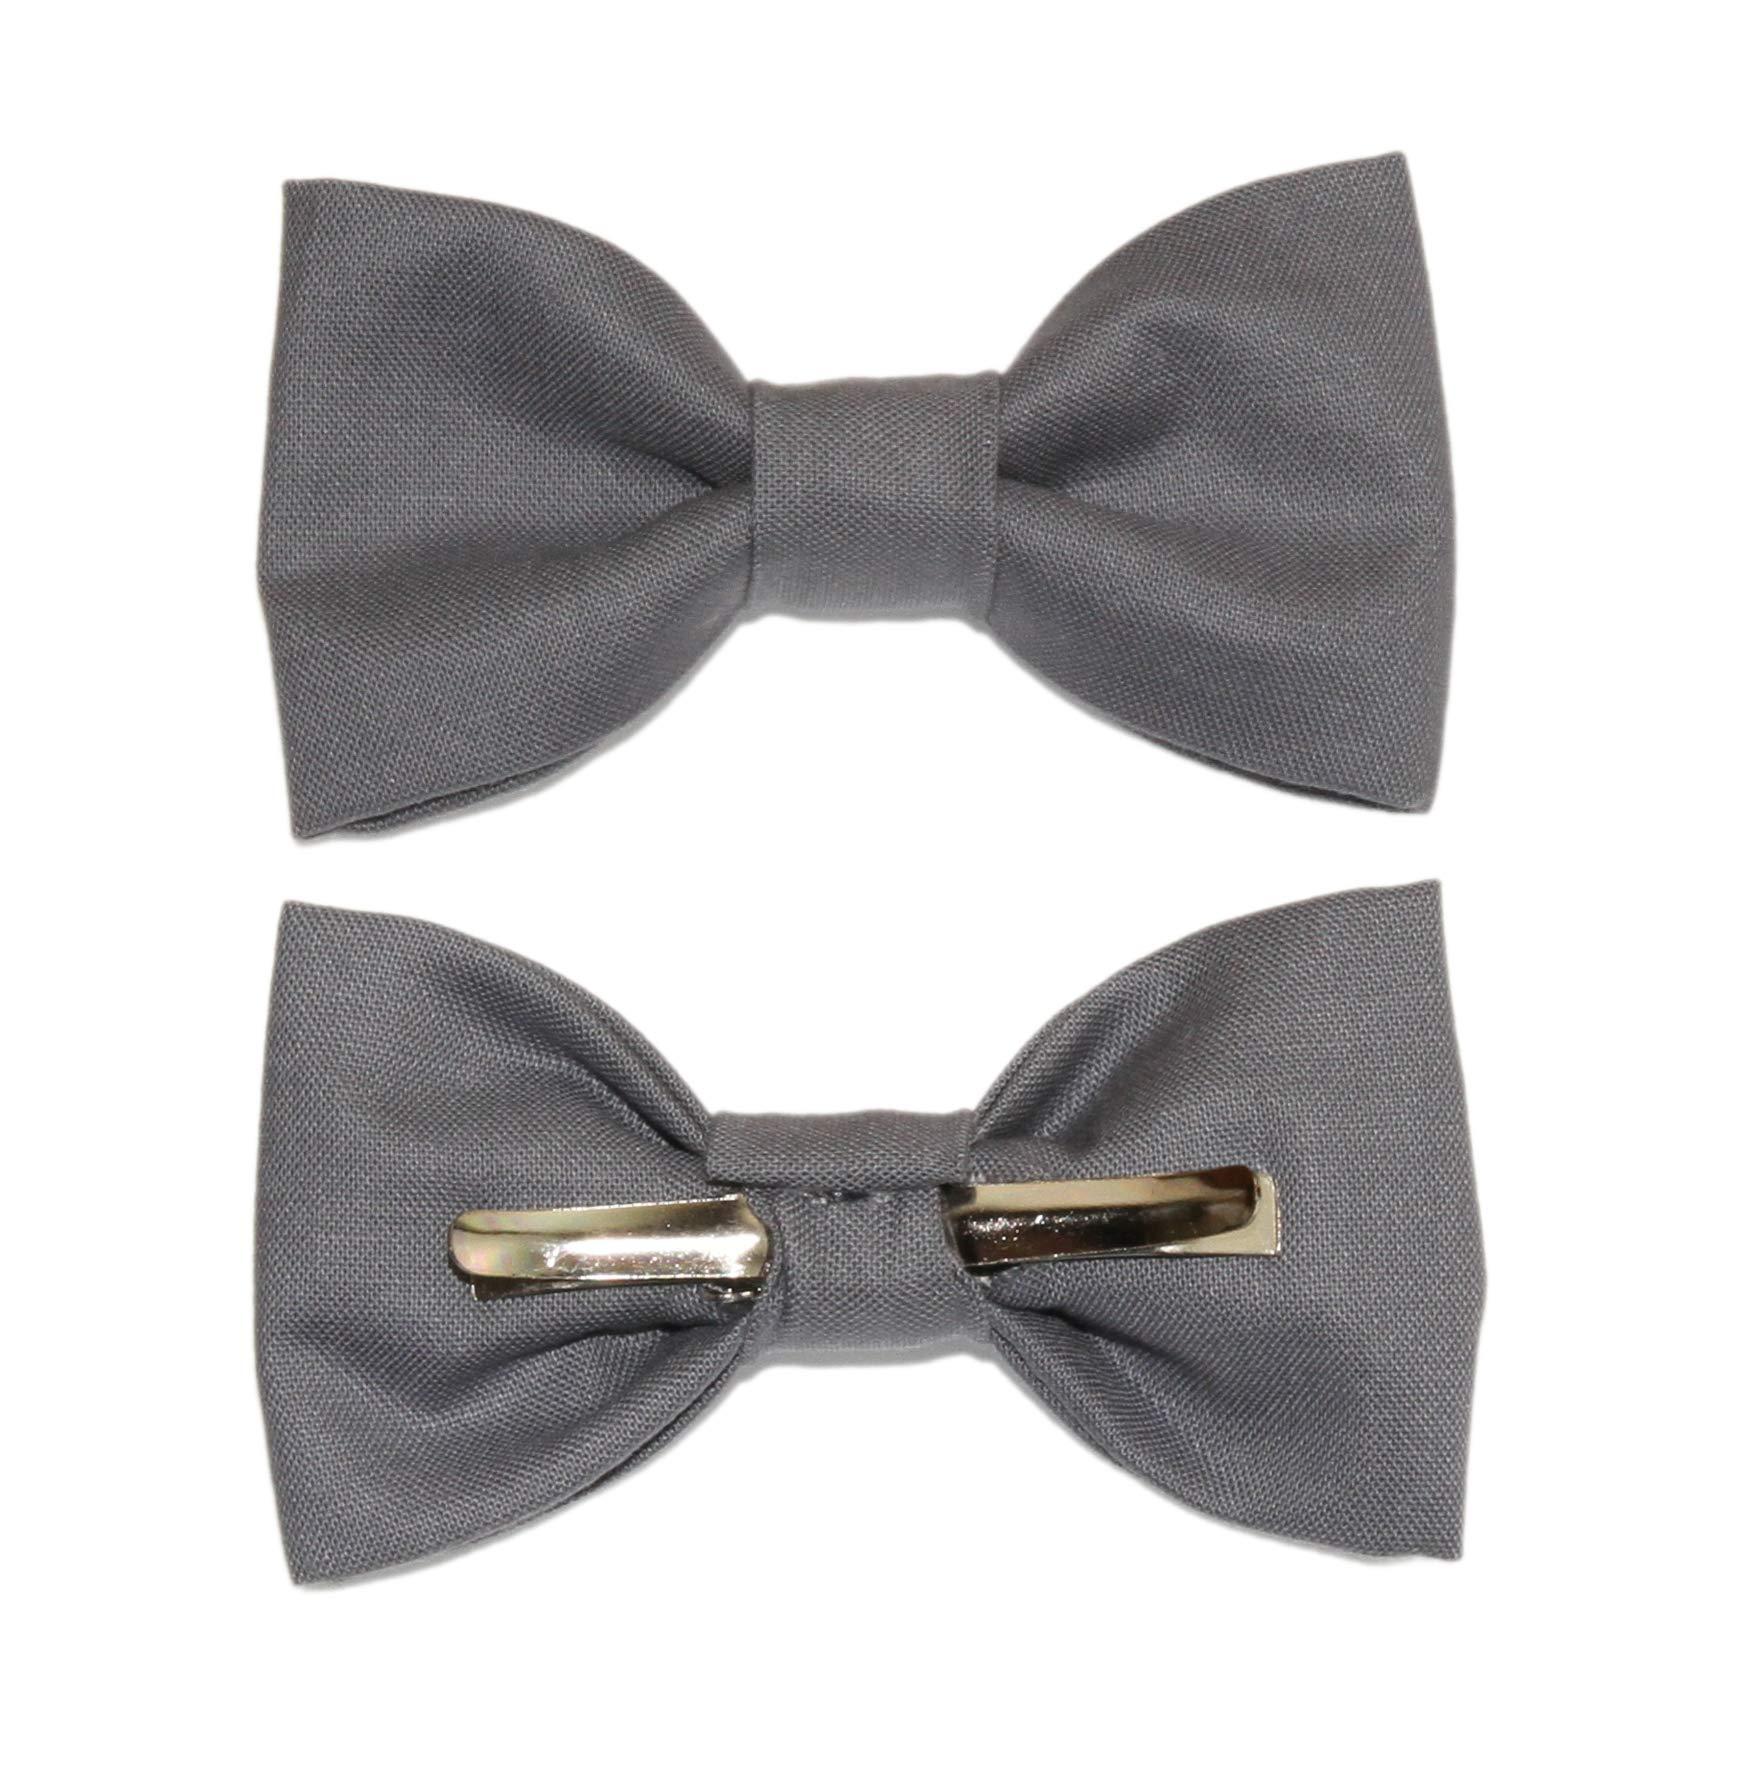 Toddler Boy 4T 5T Steel Gray Clip On Cotton Bow Tie Dark Gray Bowtie